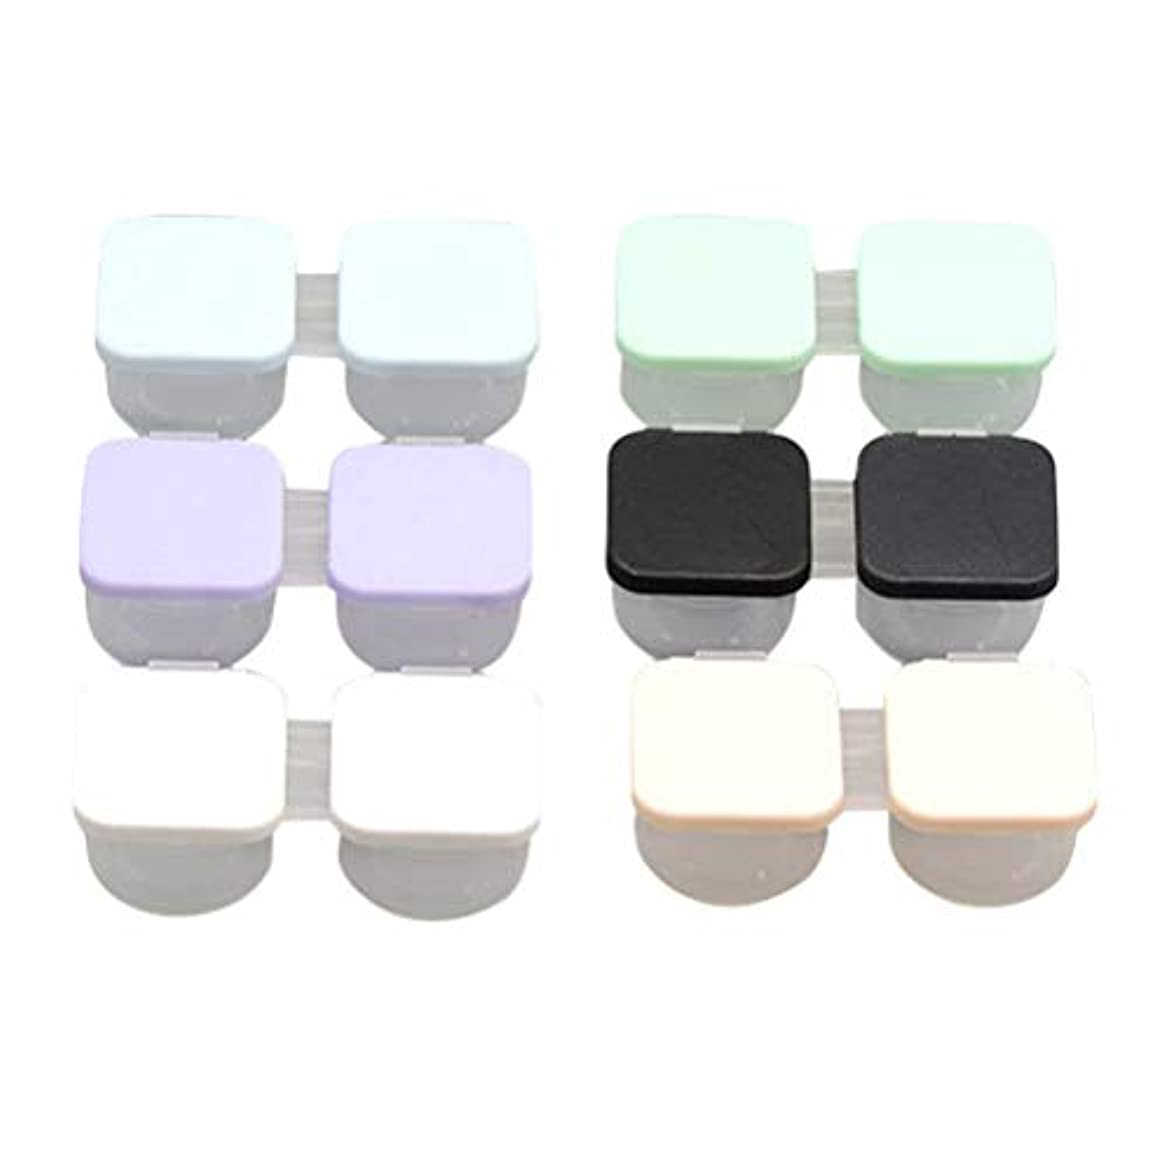 予想する政令料理SUPVOX コンタクトケース ケアパレット 保存ケース プラスチック製 軽量 安全6個入(混色)